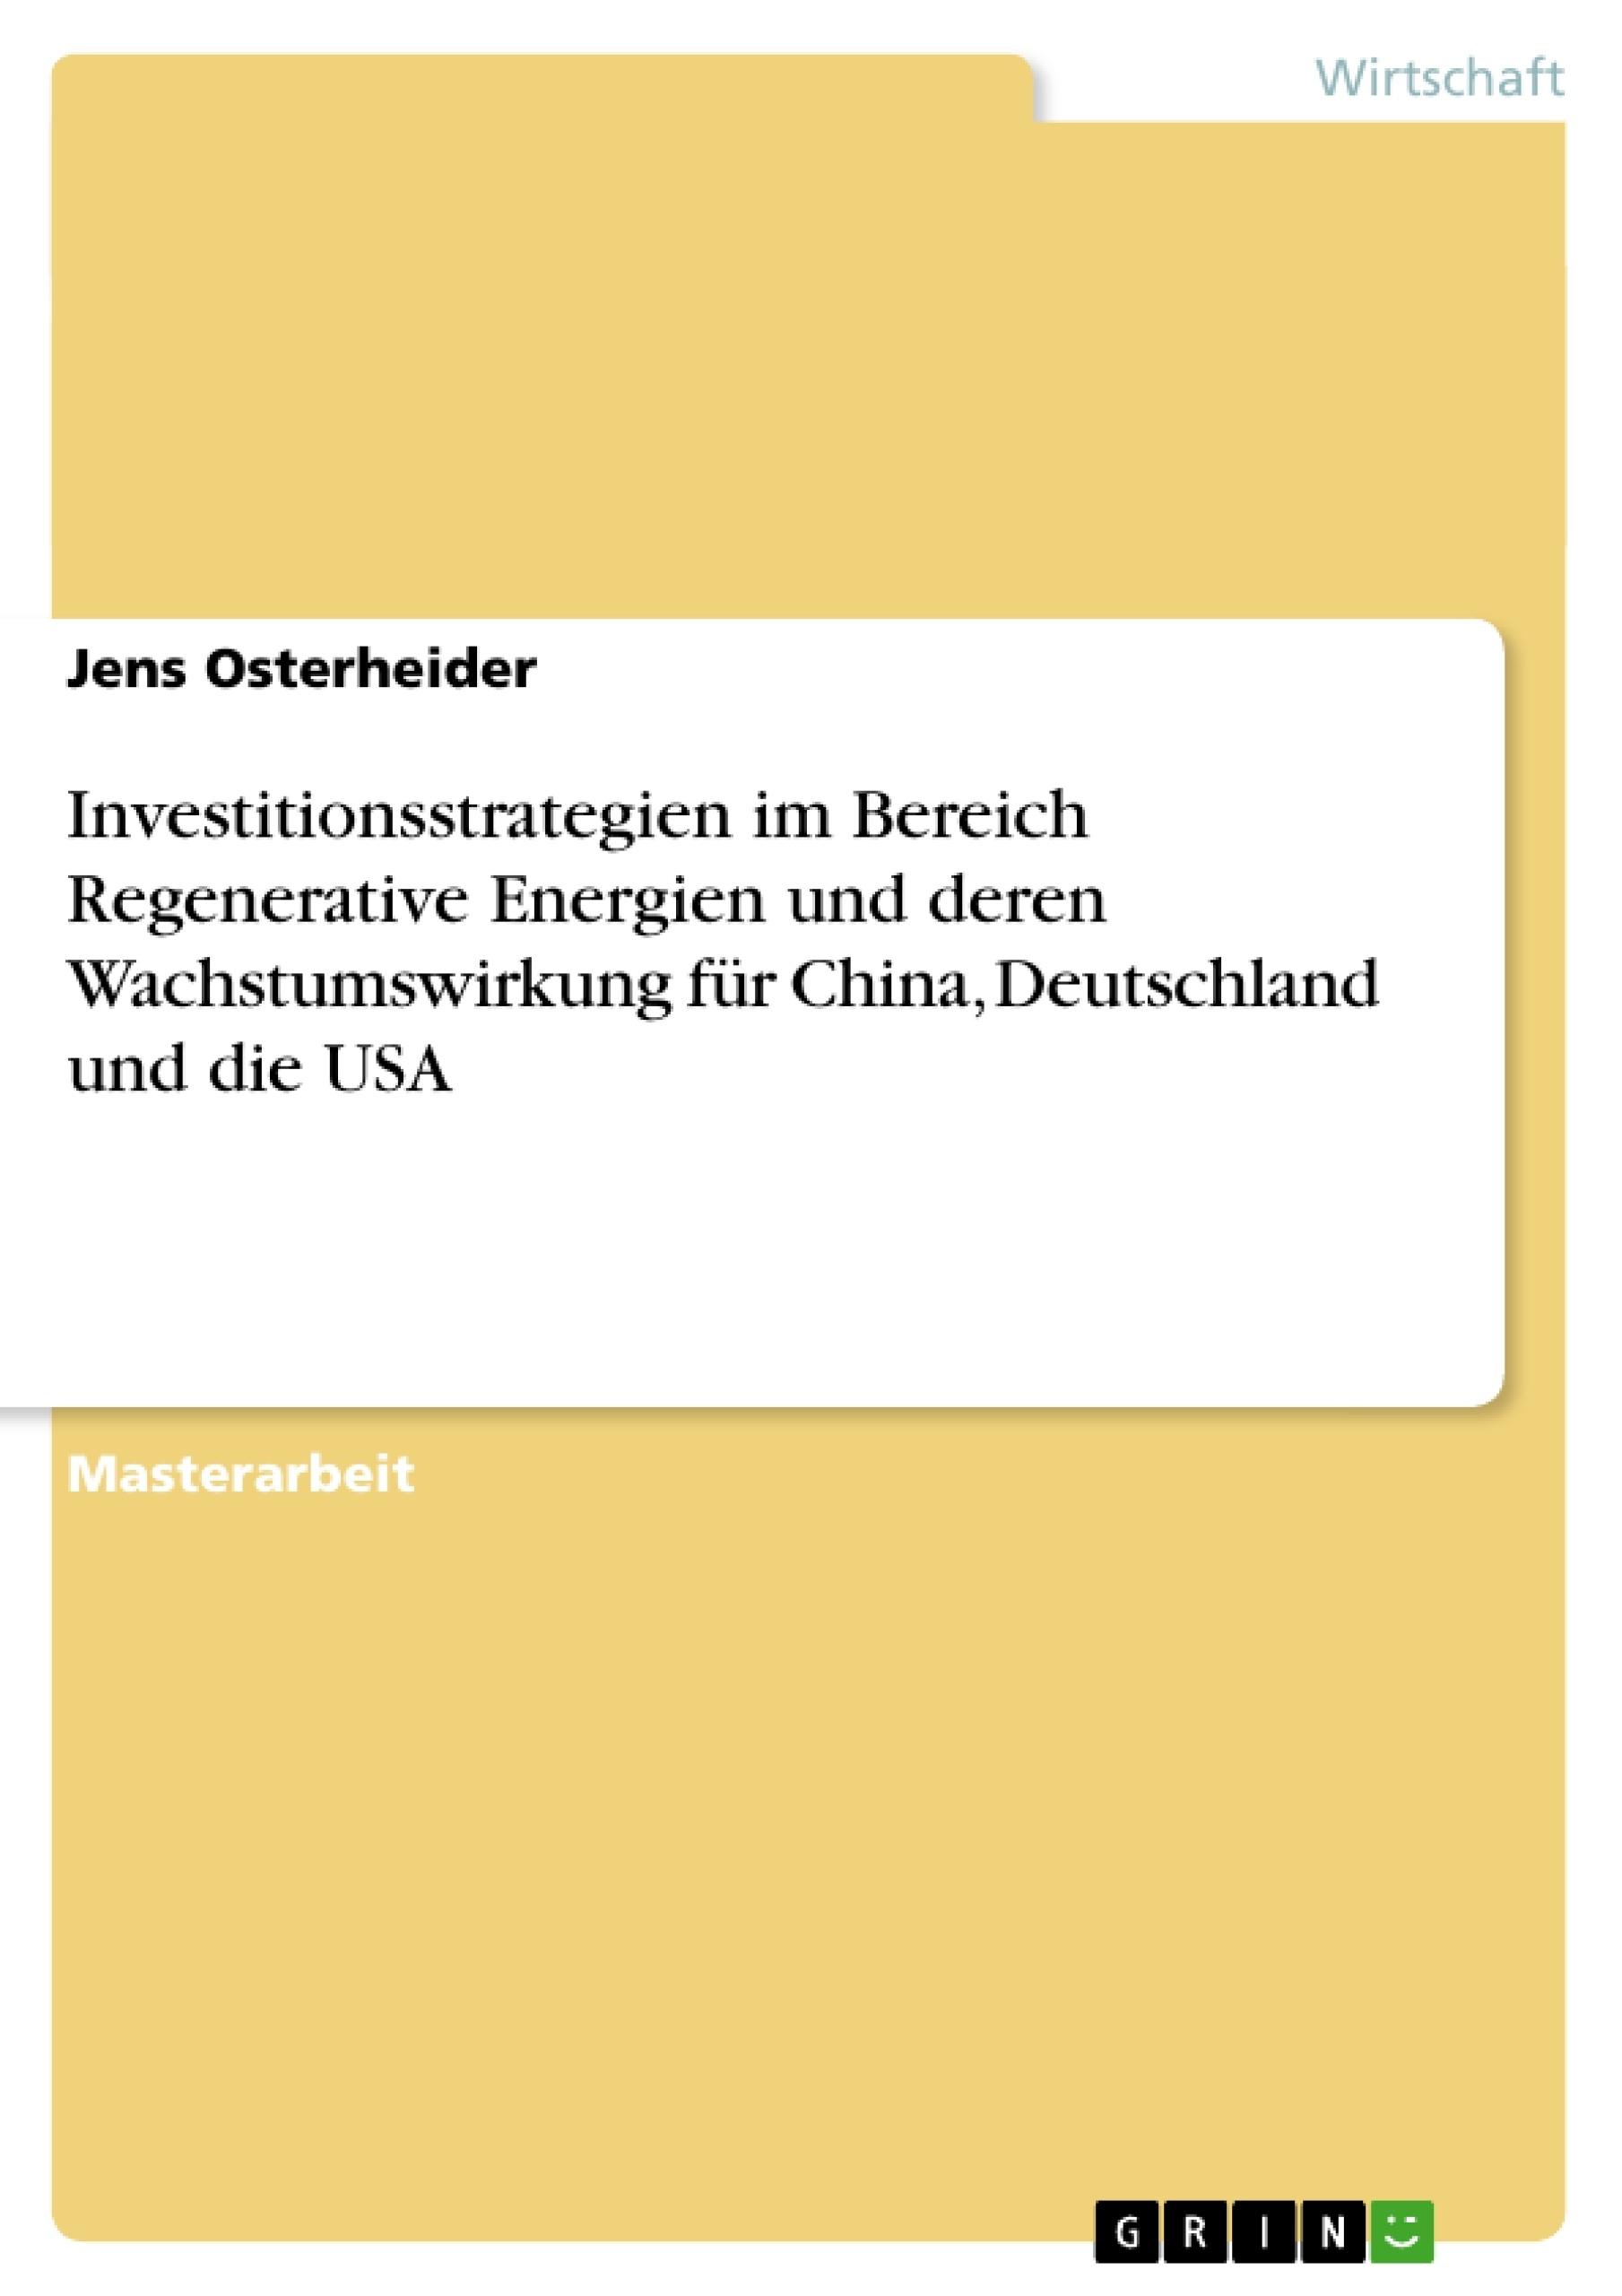 Titel: Investitionsstrategien im Bereich Regenerative Energien und deren Wachstumswirkung für China, Deutschland und die USA